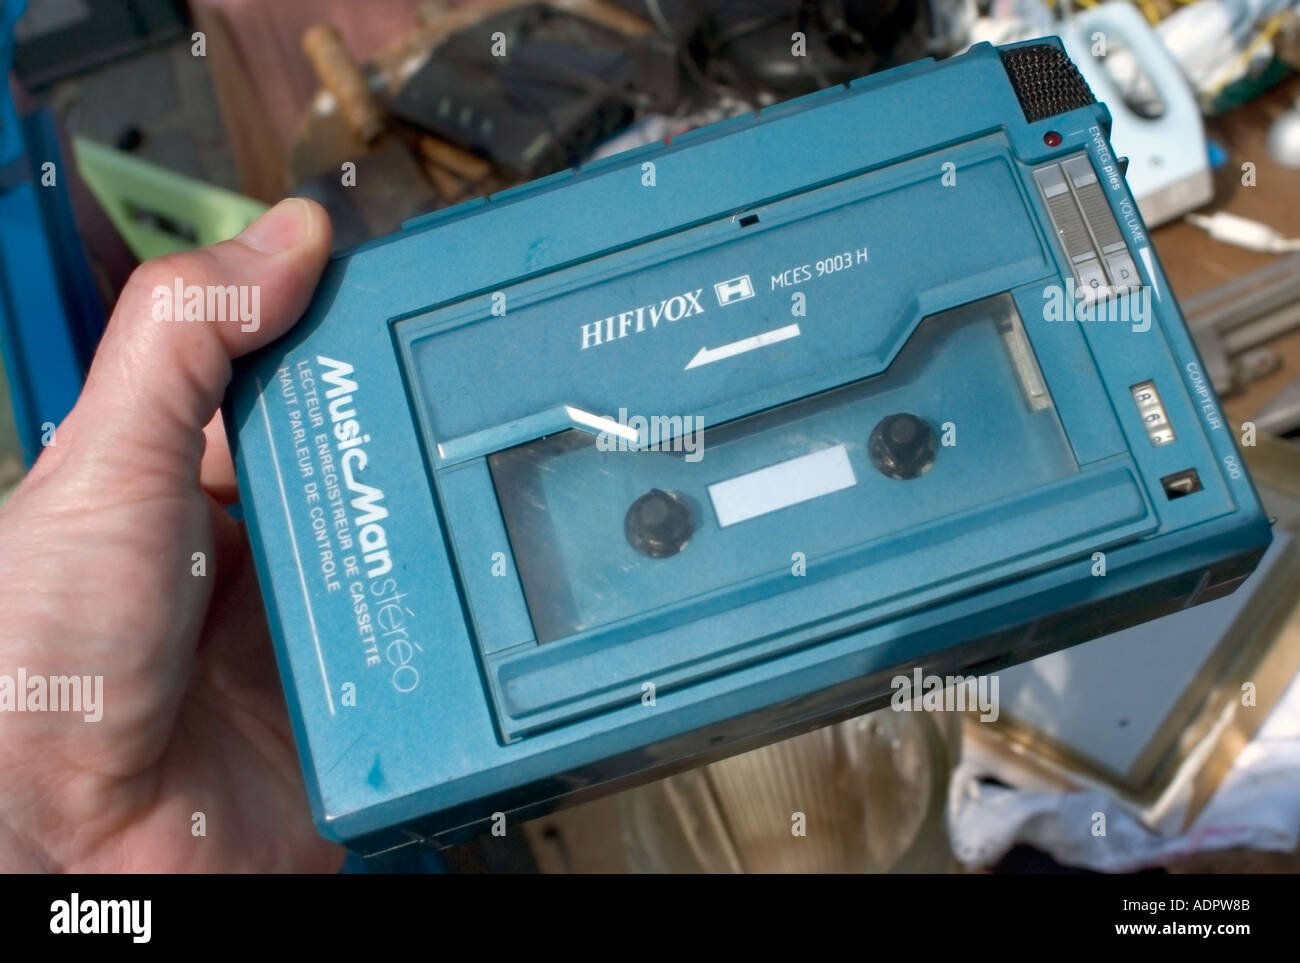 Paris France, magasins d'électronique grand public des années 1980 'Portable Lecteur de cassette audio' 'Brocante' 'Walkman' Vintage Photo Stock